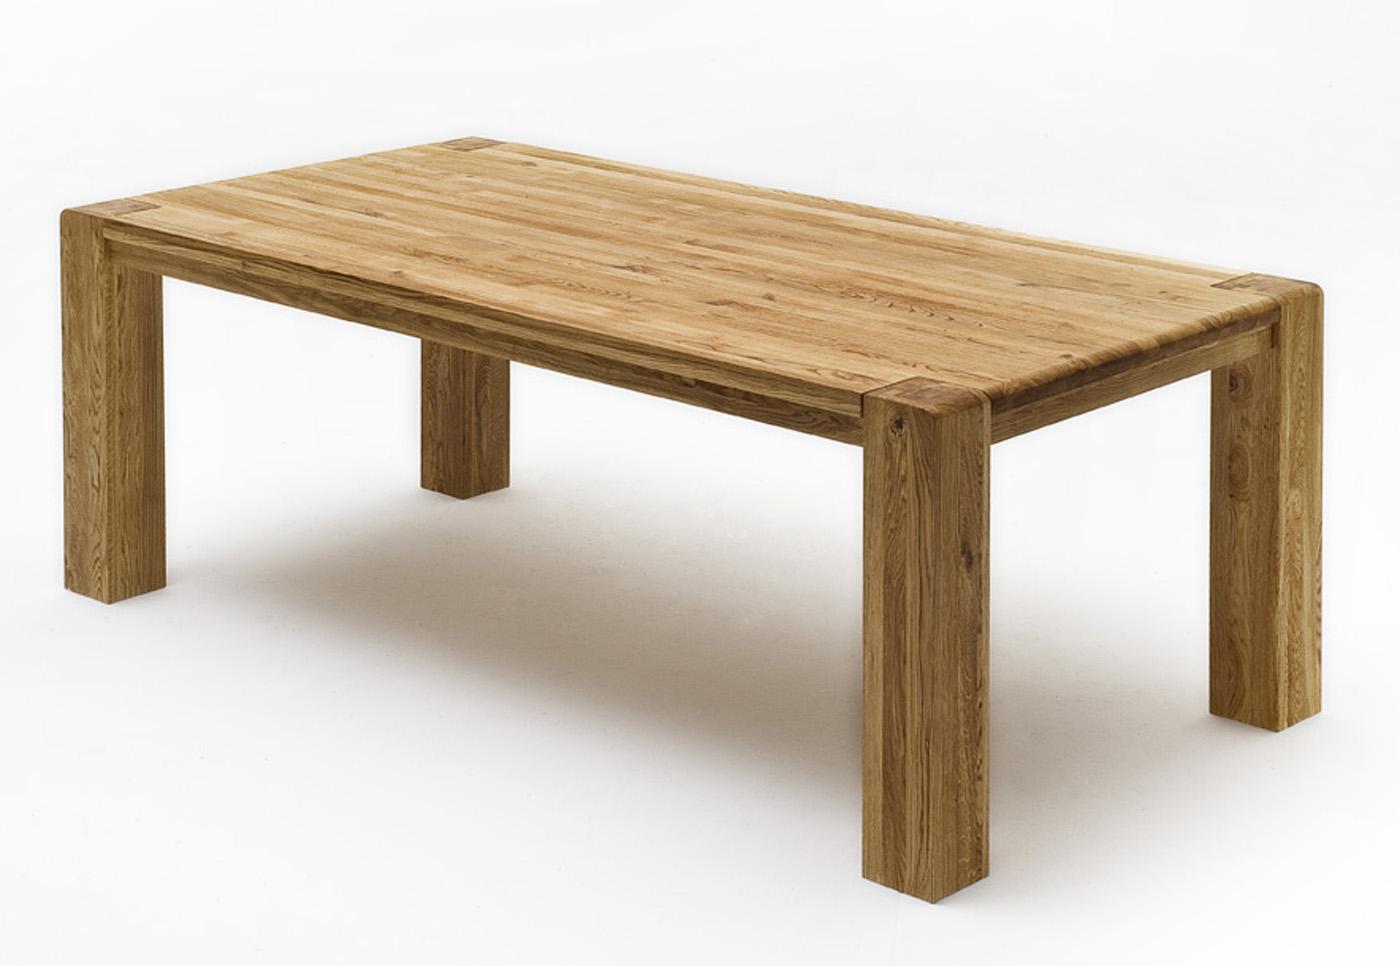 Full Size of Esstisch Wildeiche Massiv Esstische Holz Mit 4 Stühlen Günstig Groß Sofa Kleiner Weiß 80x80 Designer Deckenlampe Akazie Esstische Esstisch Wildeiche